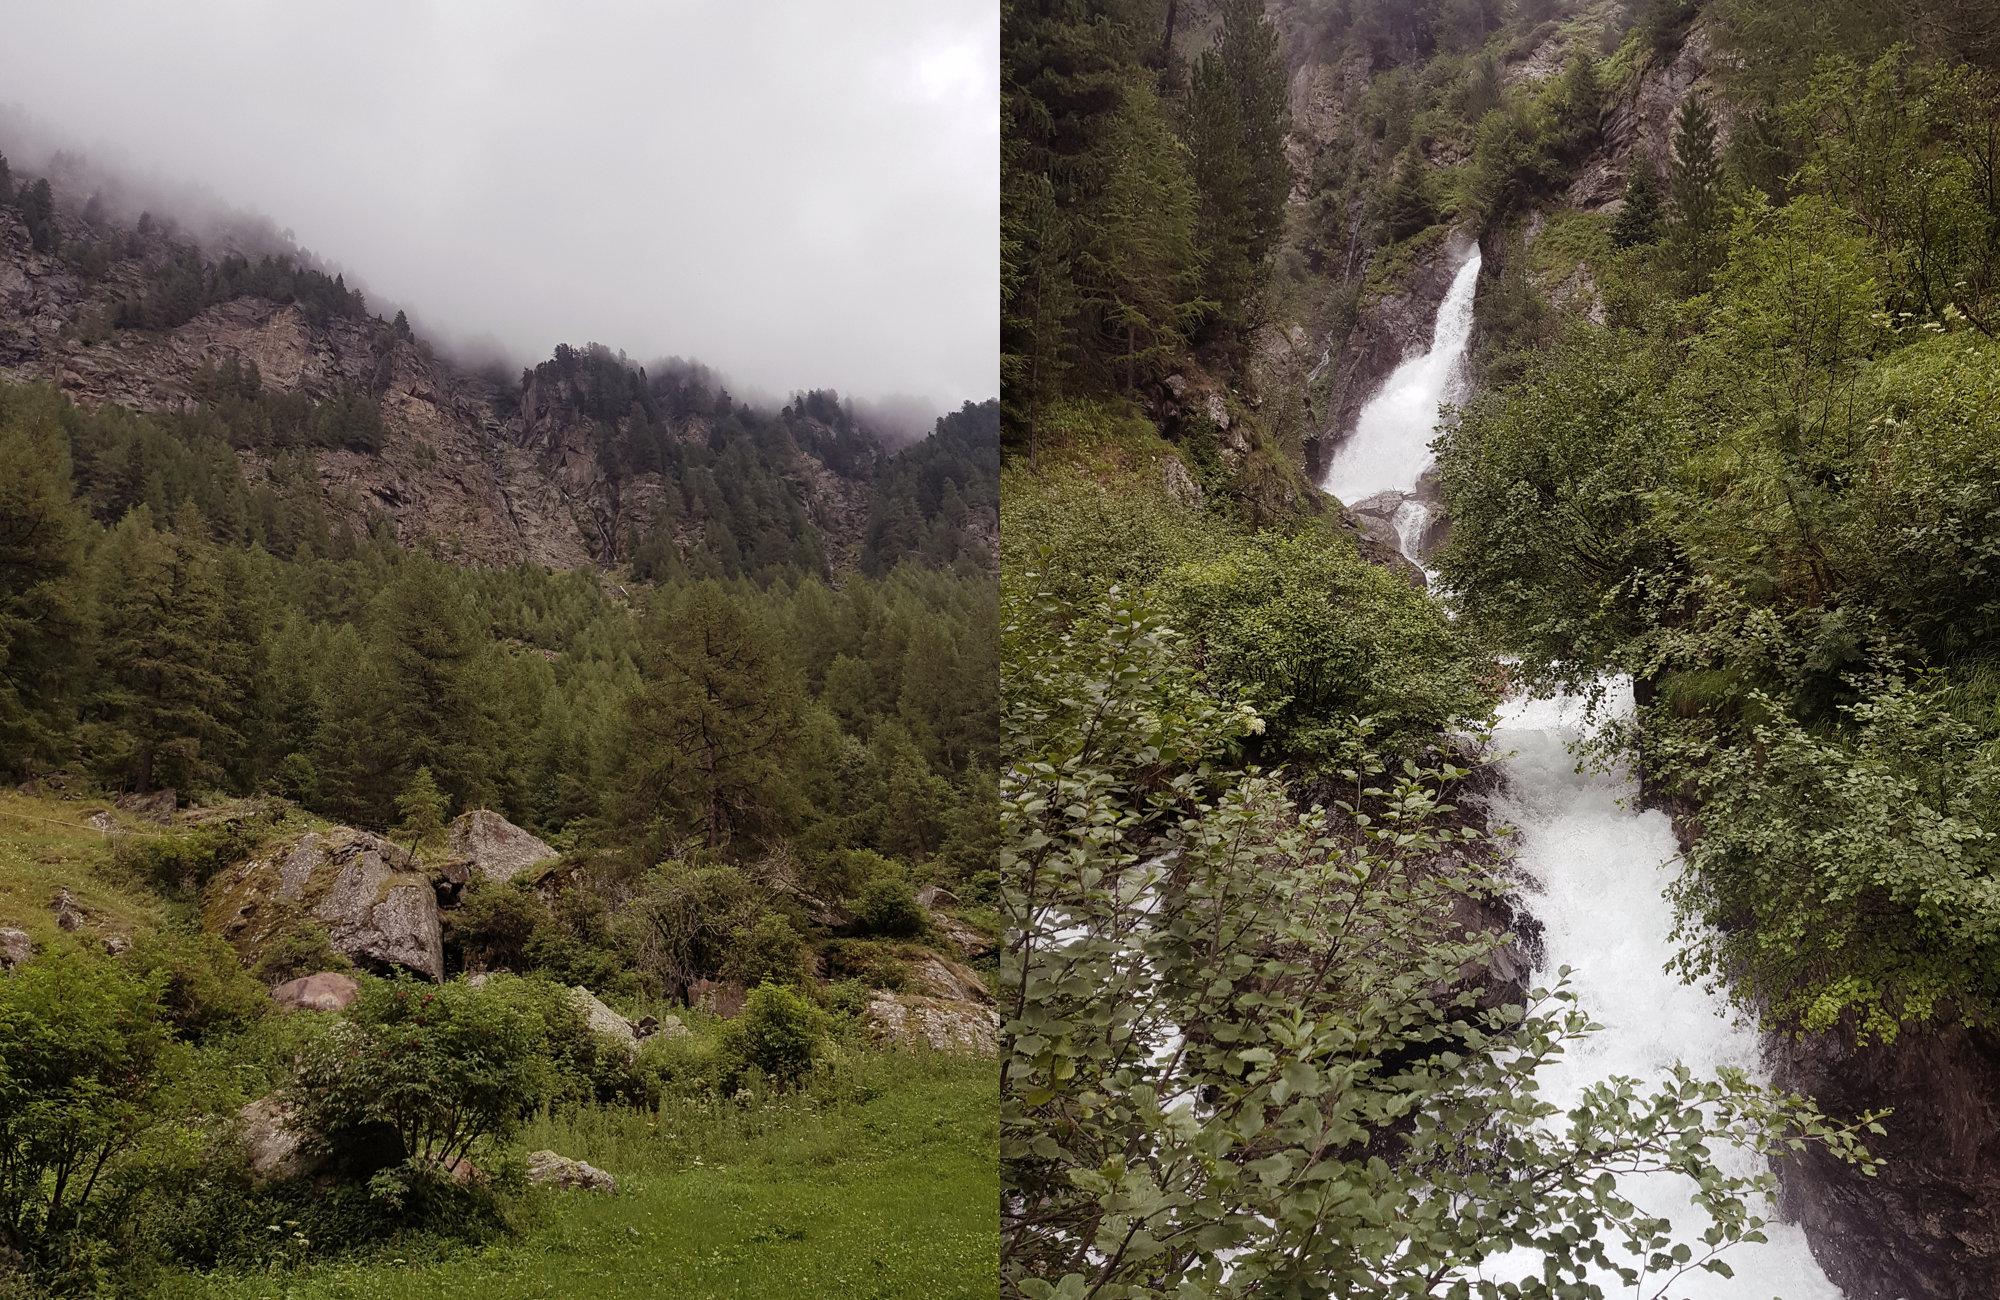 Kühtrein Schlucht, Wandern Ötztaler Urweg, Wandern im Ötztal, Trekking im Ötztal, Ötztaler Alpen, Tirol, Genusswanderung, Regenwanderung